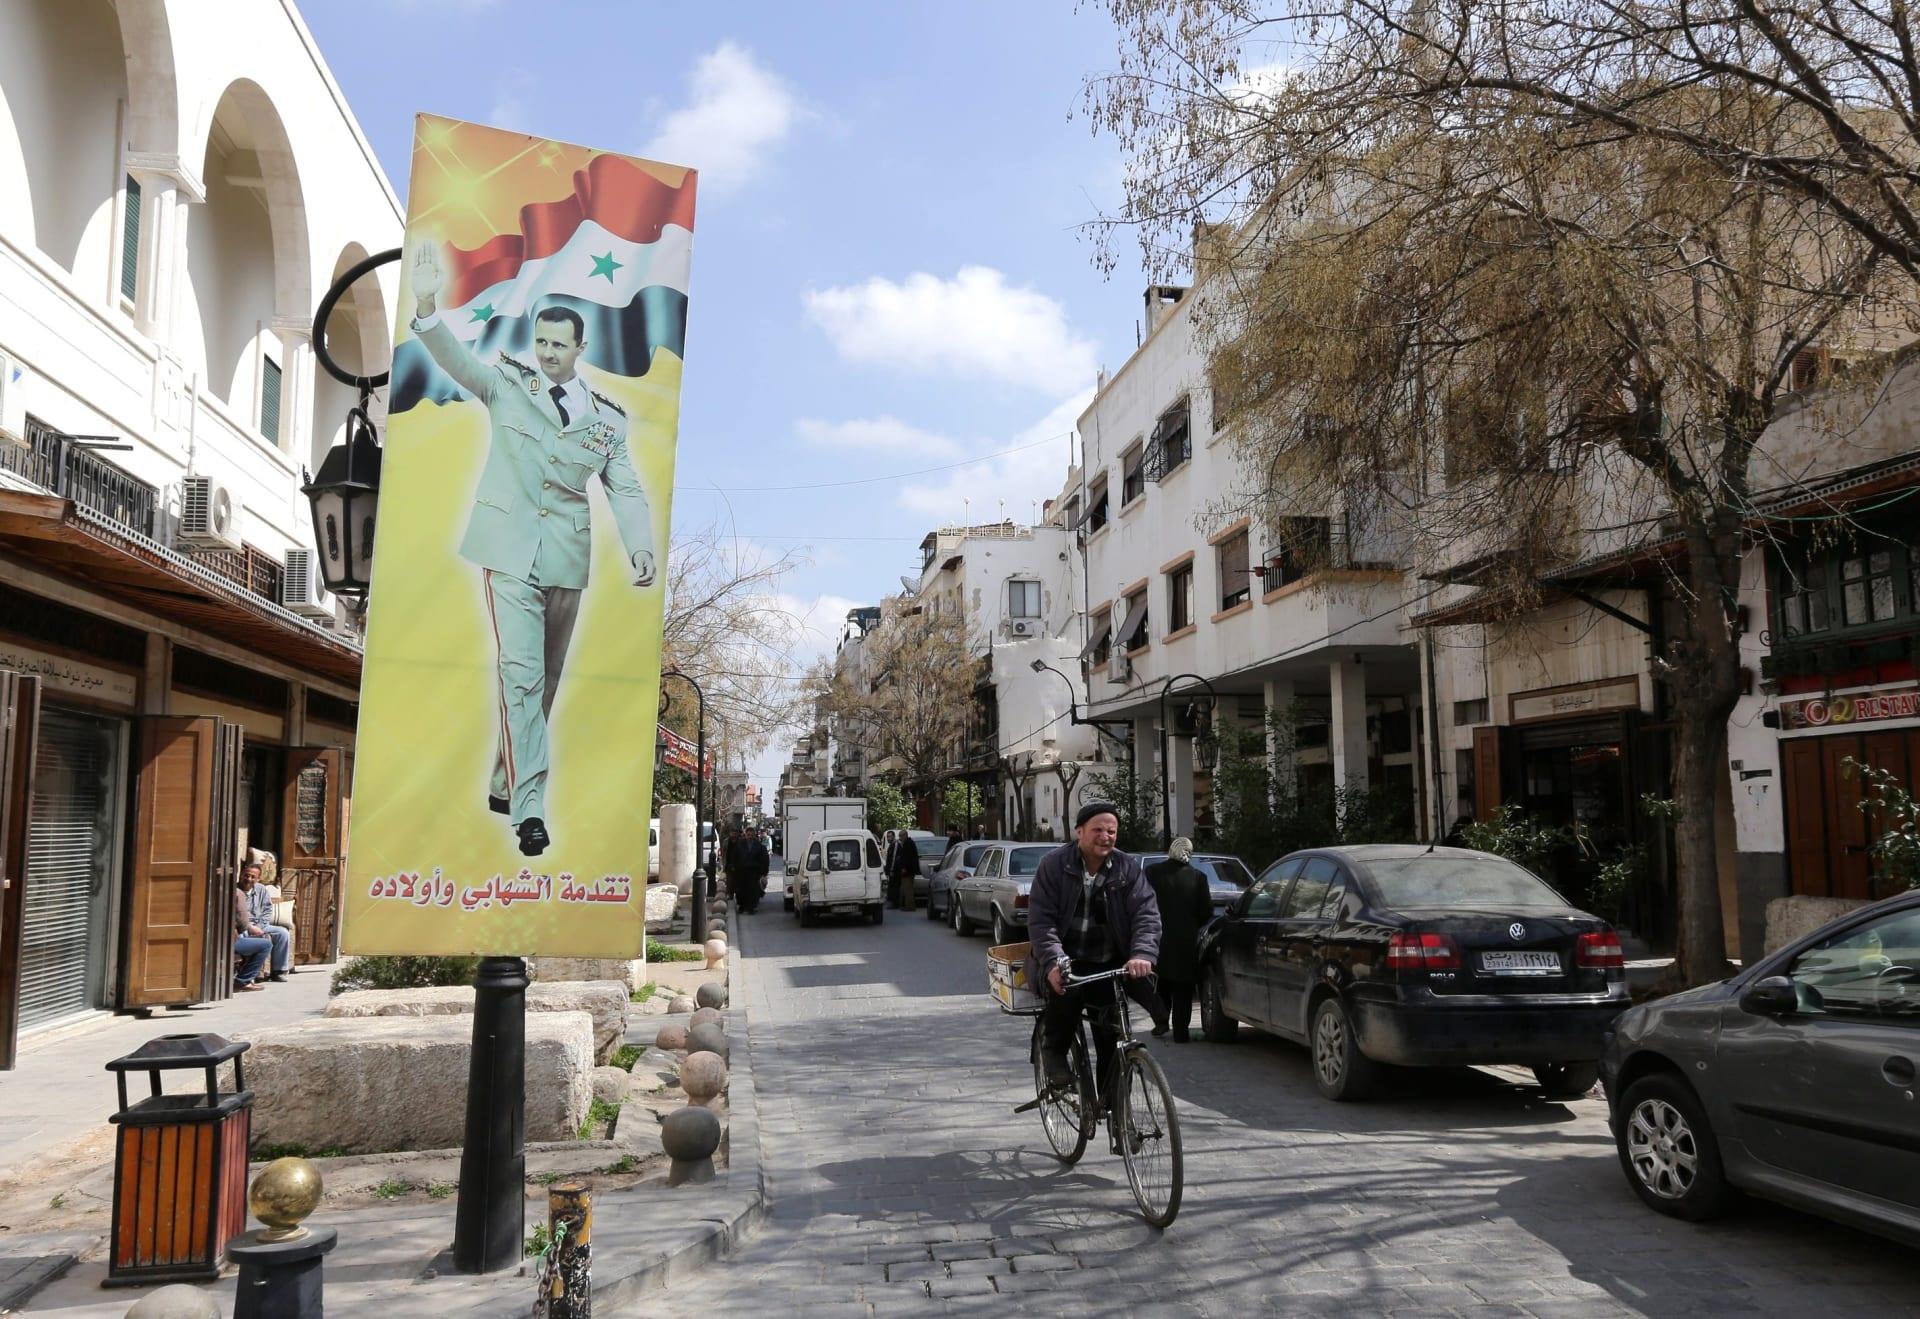 """الأسد يتهم فرنسا بدعم الإرهاب أمام وفد """"ديمقراطي مسيحي"""".. والوفد يدعو باريس لفك التحالف مع السعودية وقطر"""